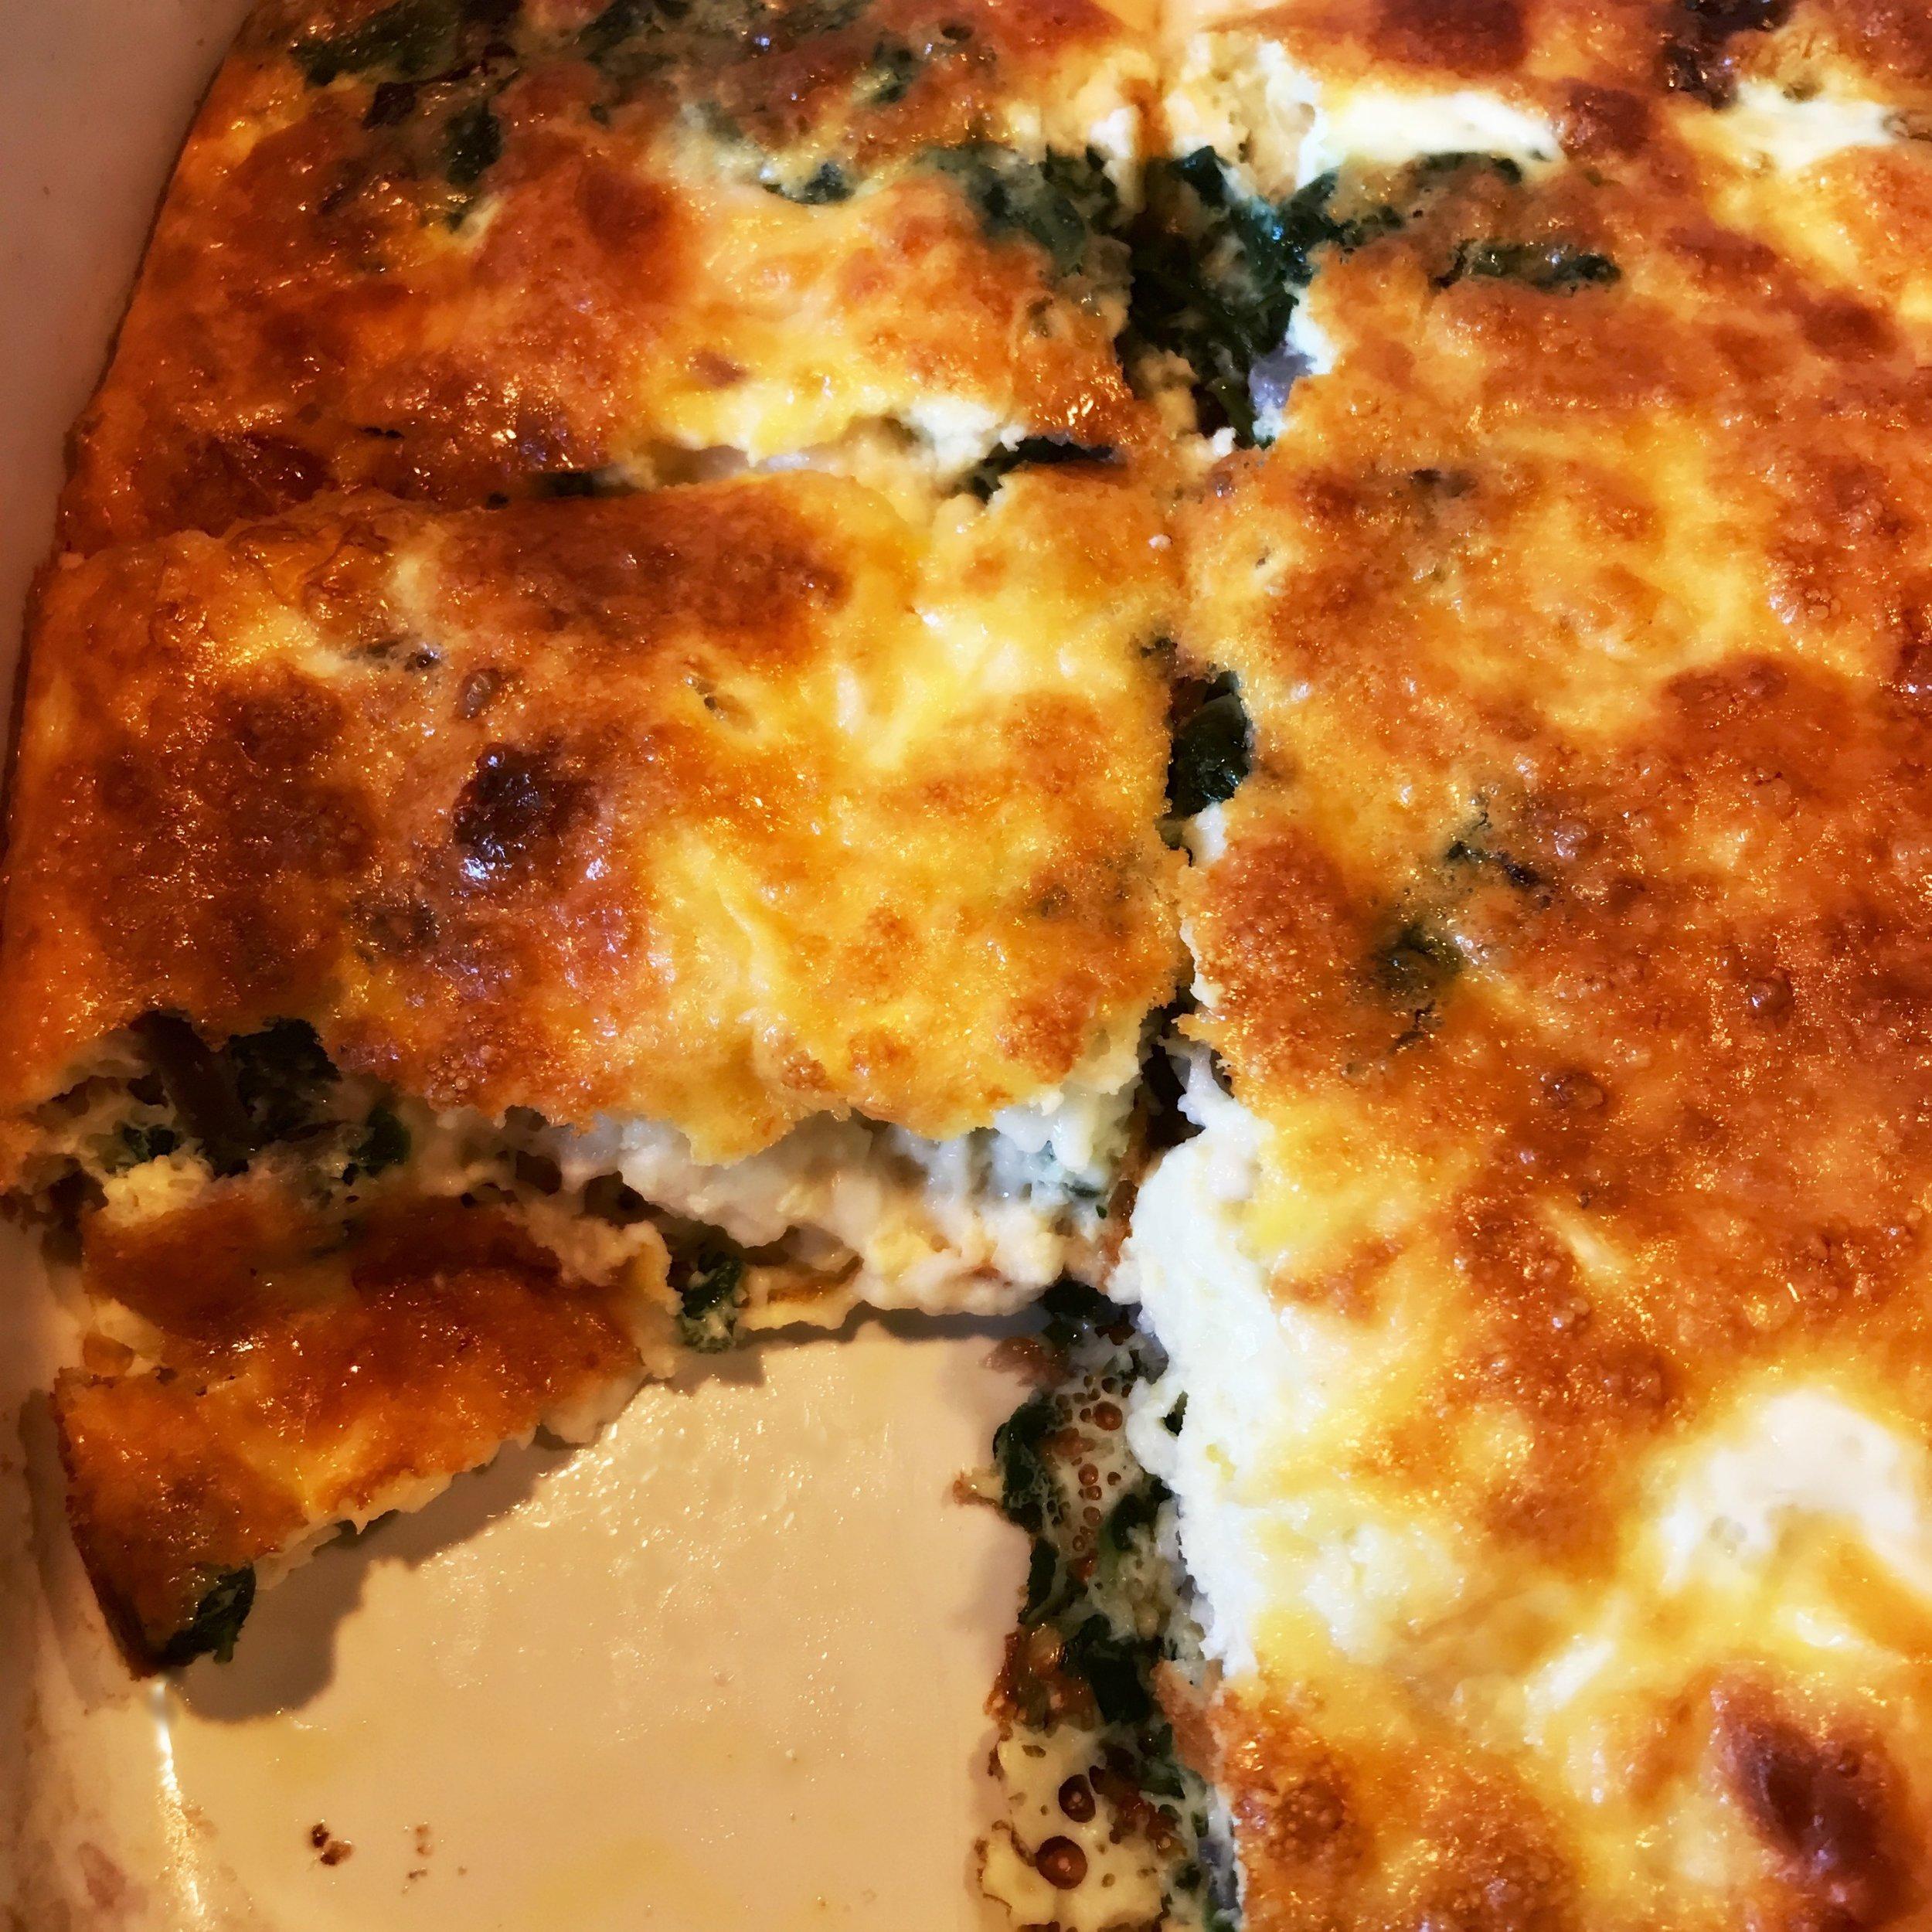 Egg Bake à la Curds